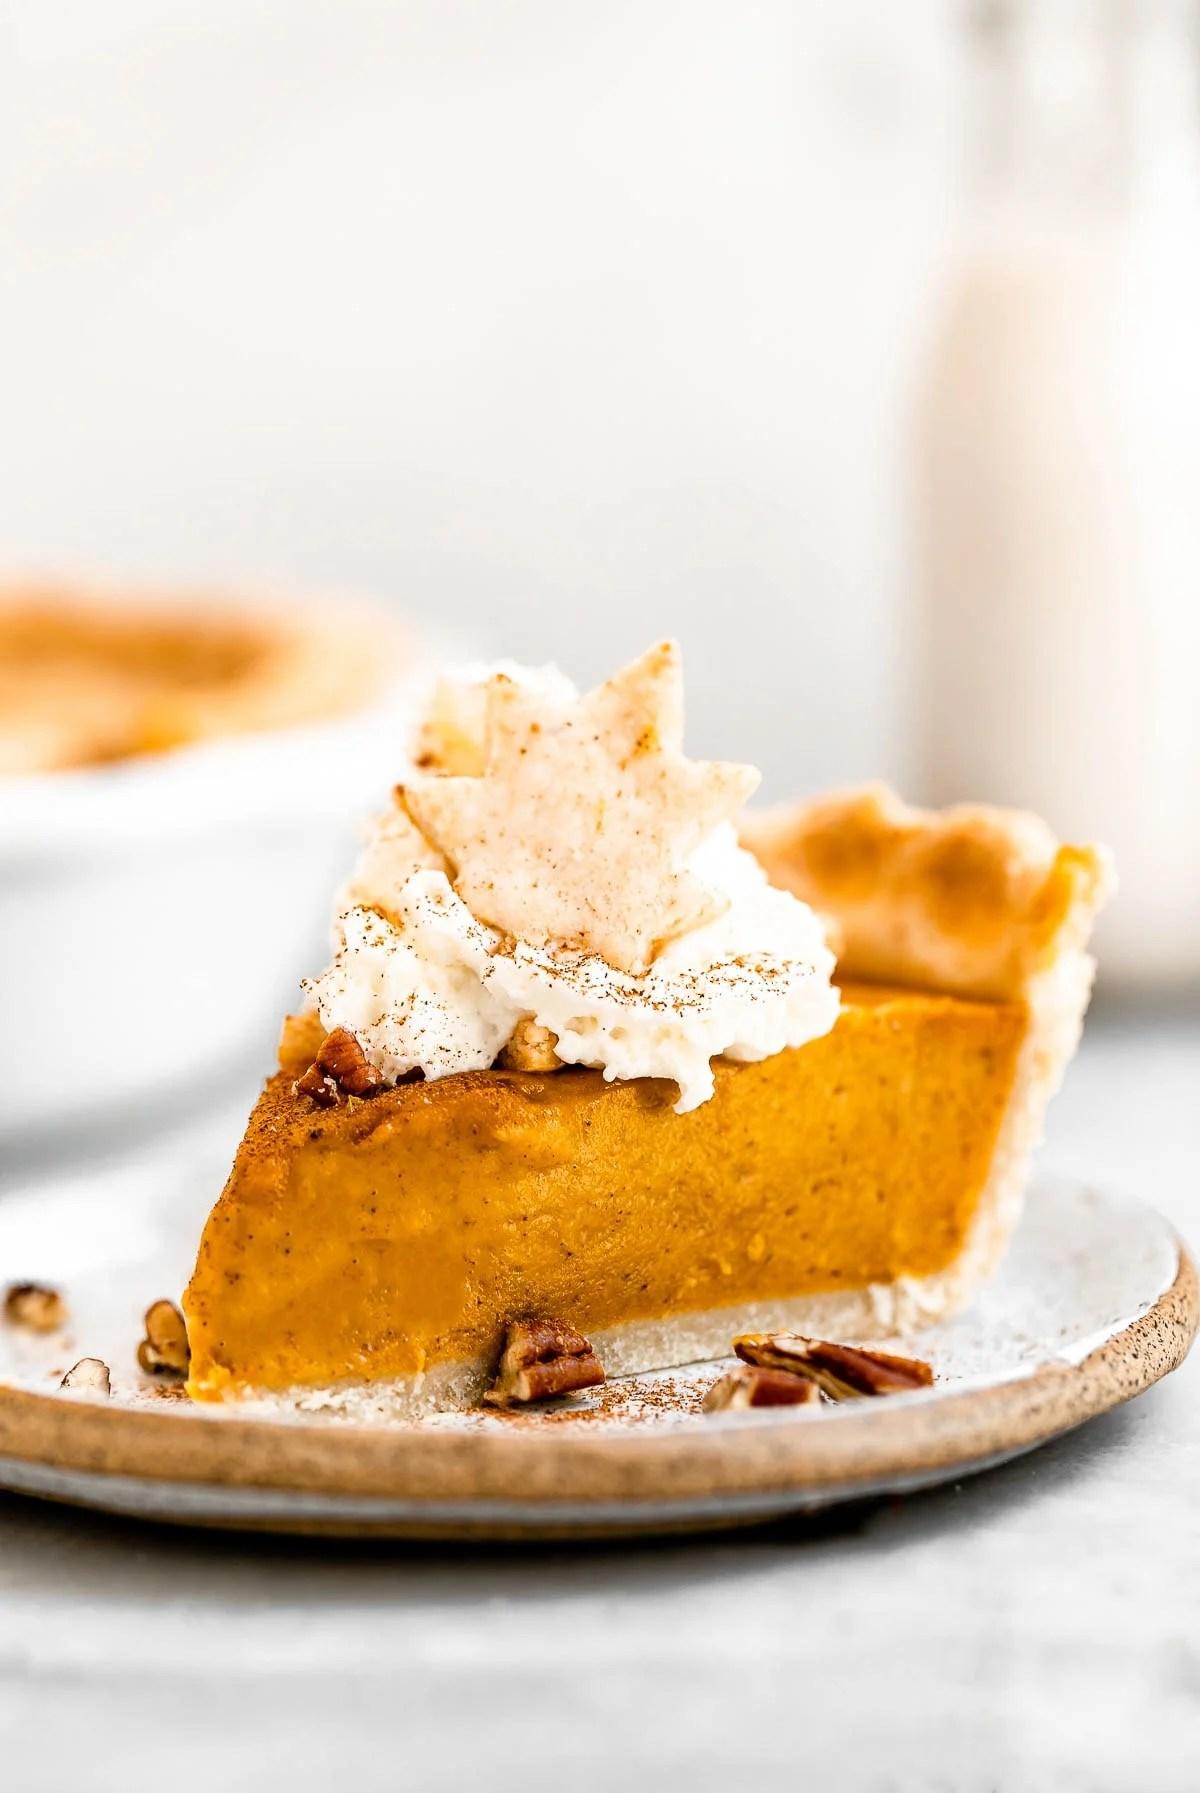 One slice of vegan pumpkin pie with pecans on top.